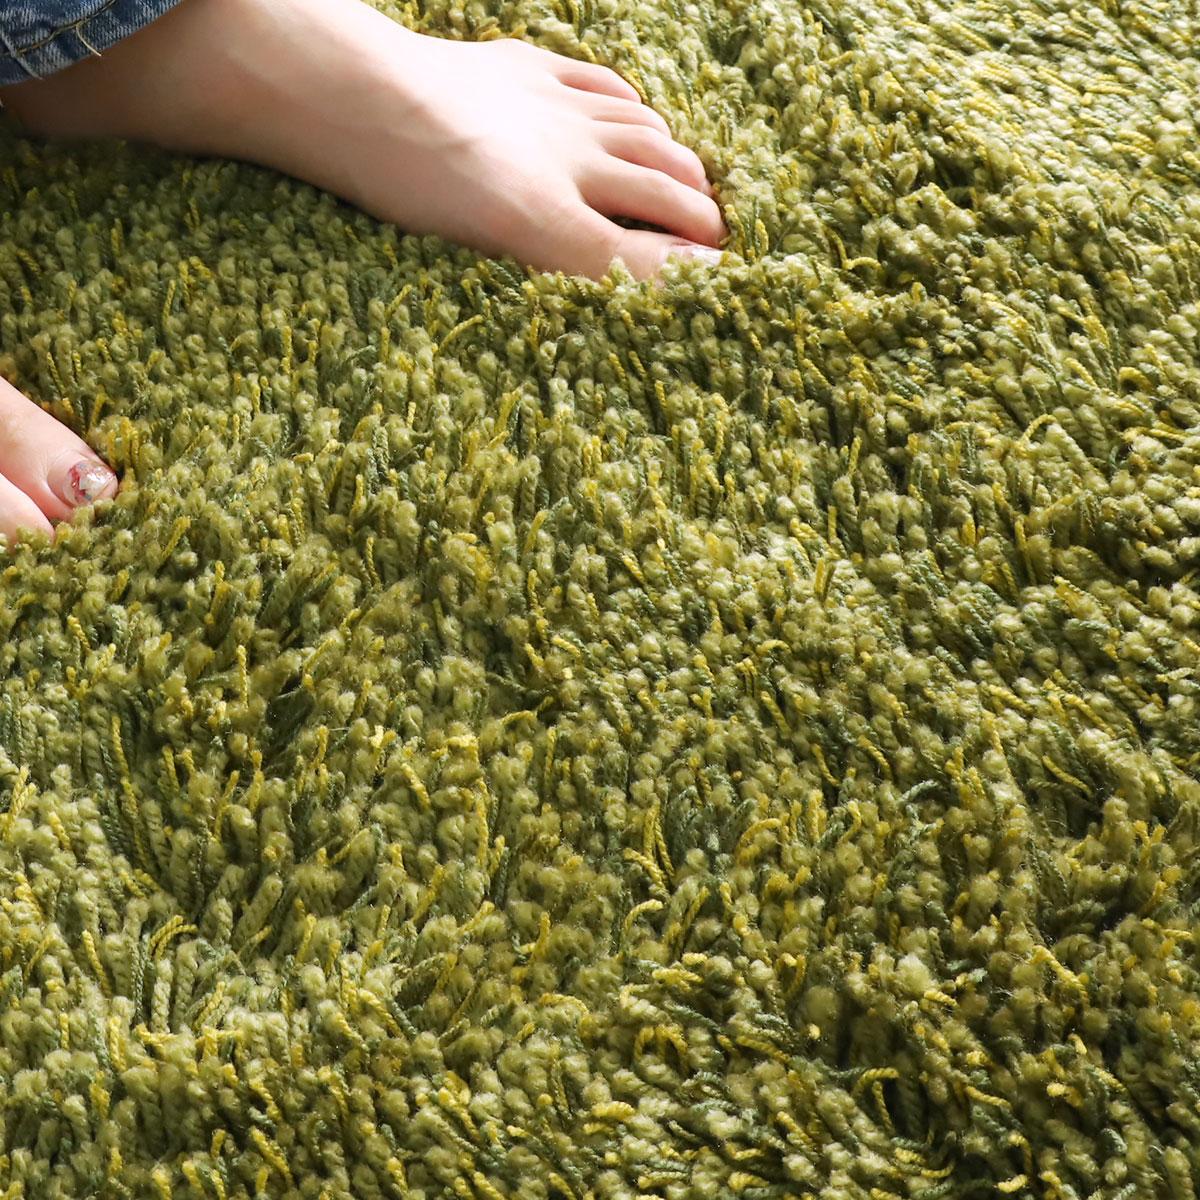 セーターなどに使用されるアクリル糸を使用。ウールのような風合い。